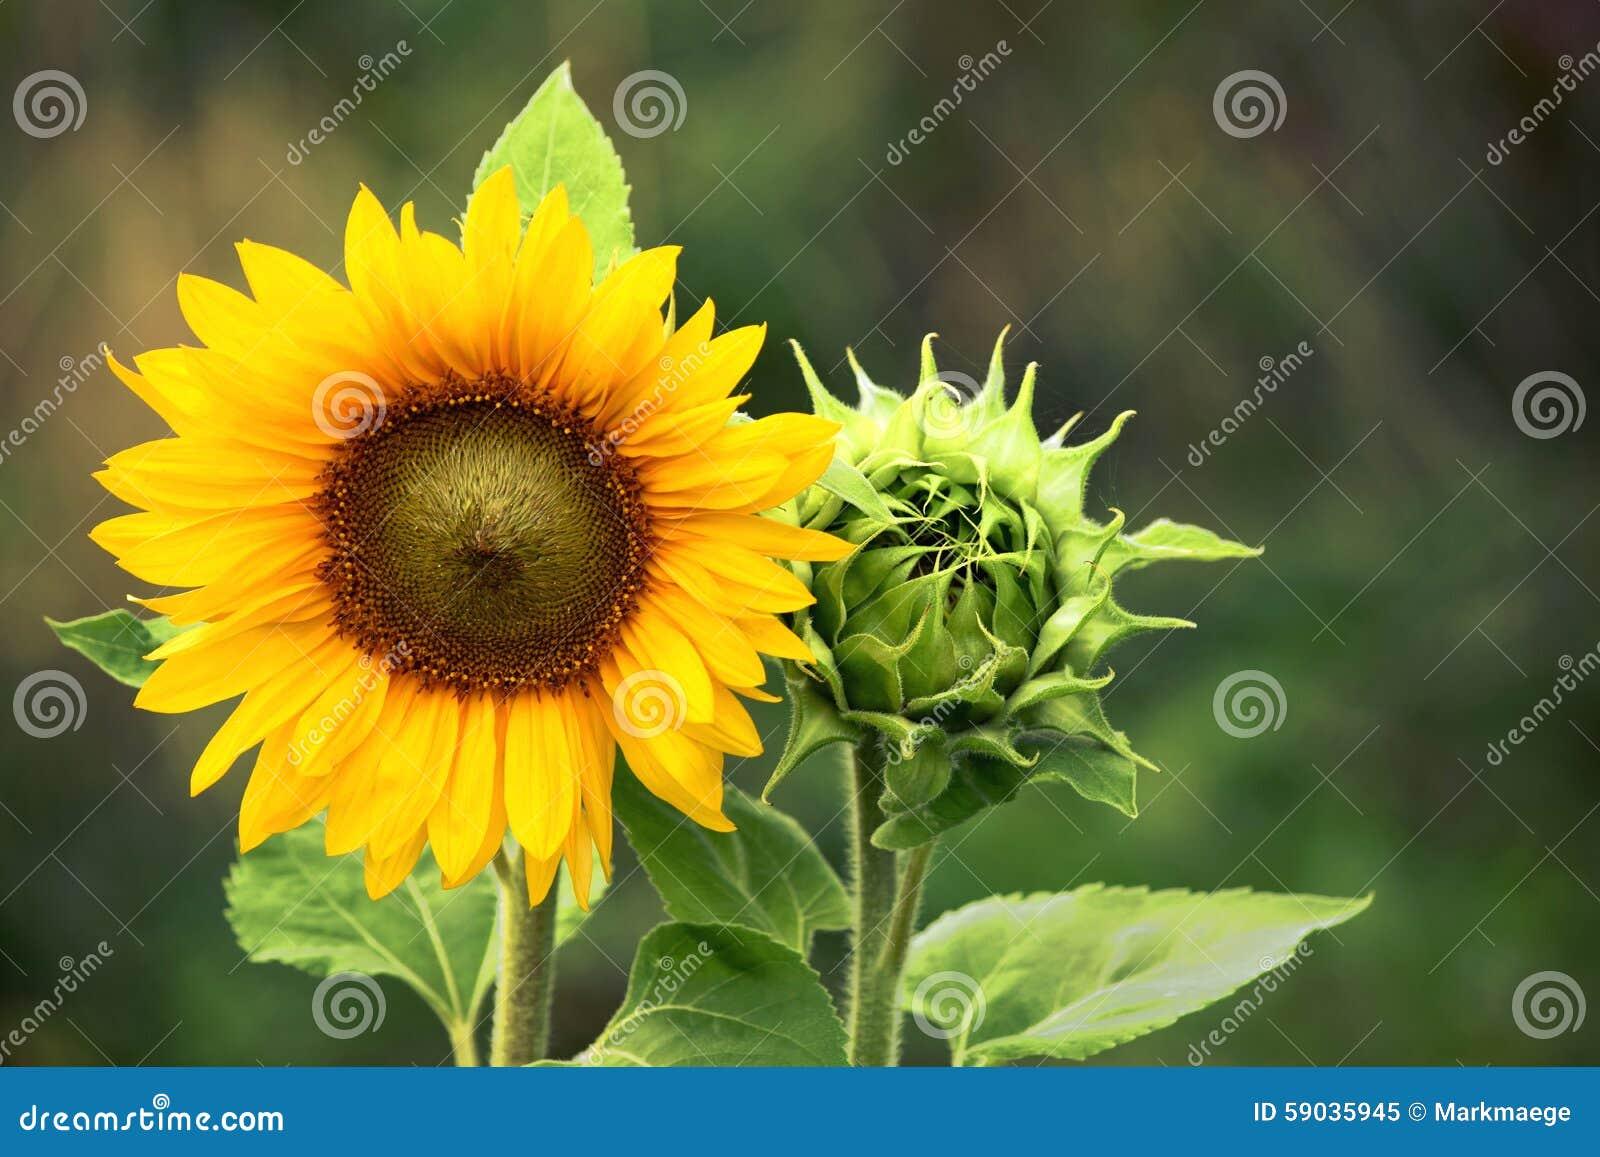 Sonnenblume mit grüner Sonnenblumen-Blüte